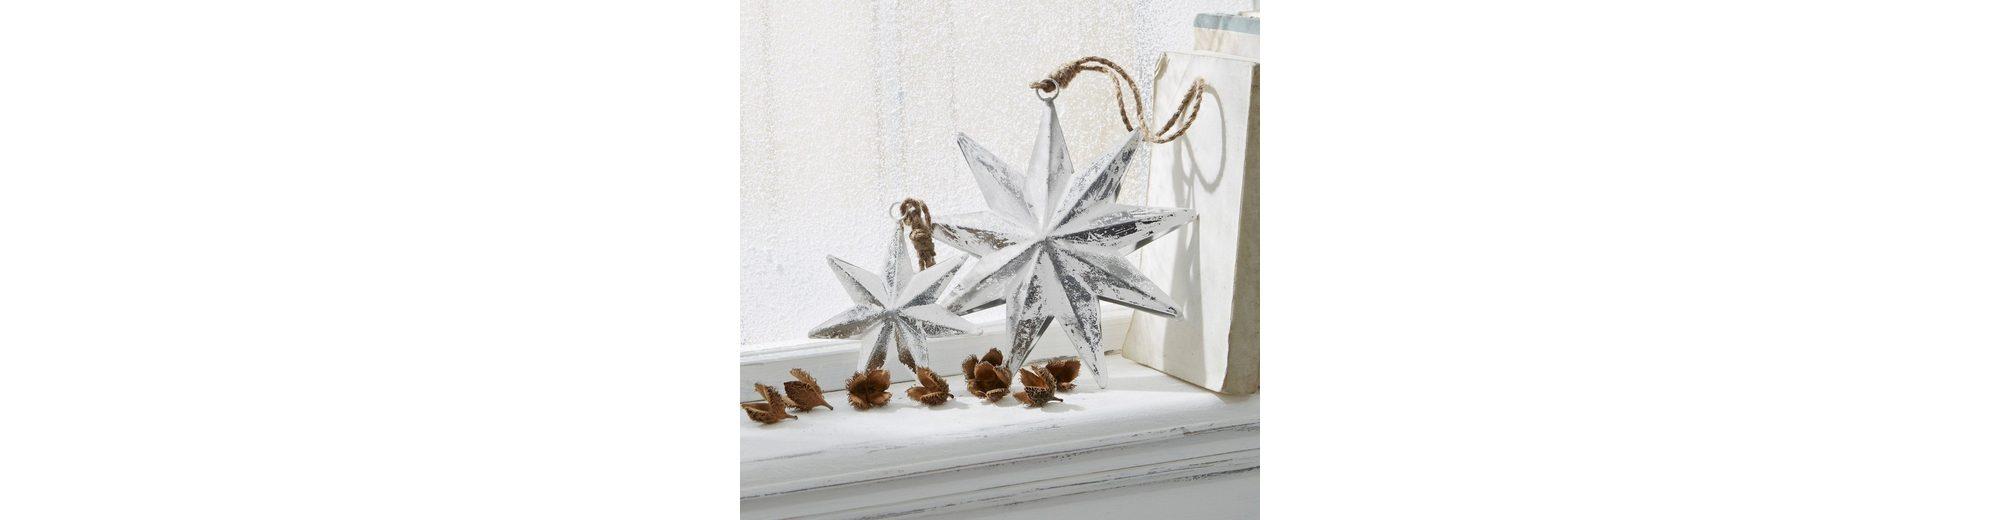 Loberon Weihnachtsschmuck 4er Set »LeBron«